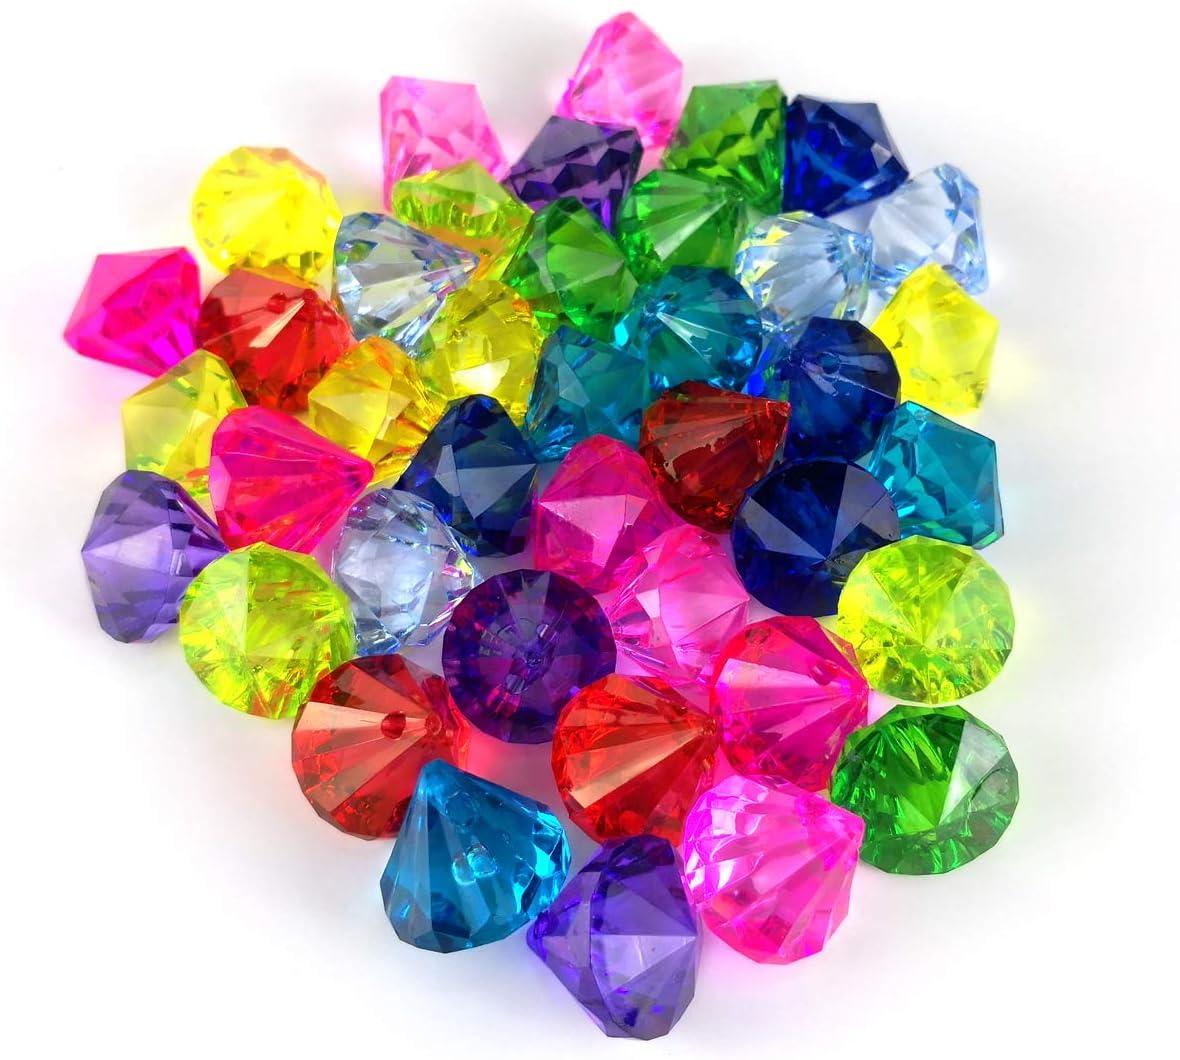 Acryl Diamant Edelsteine Pirate Künstliche Juwelen Schatz Hochzeit Geburtstag